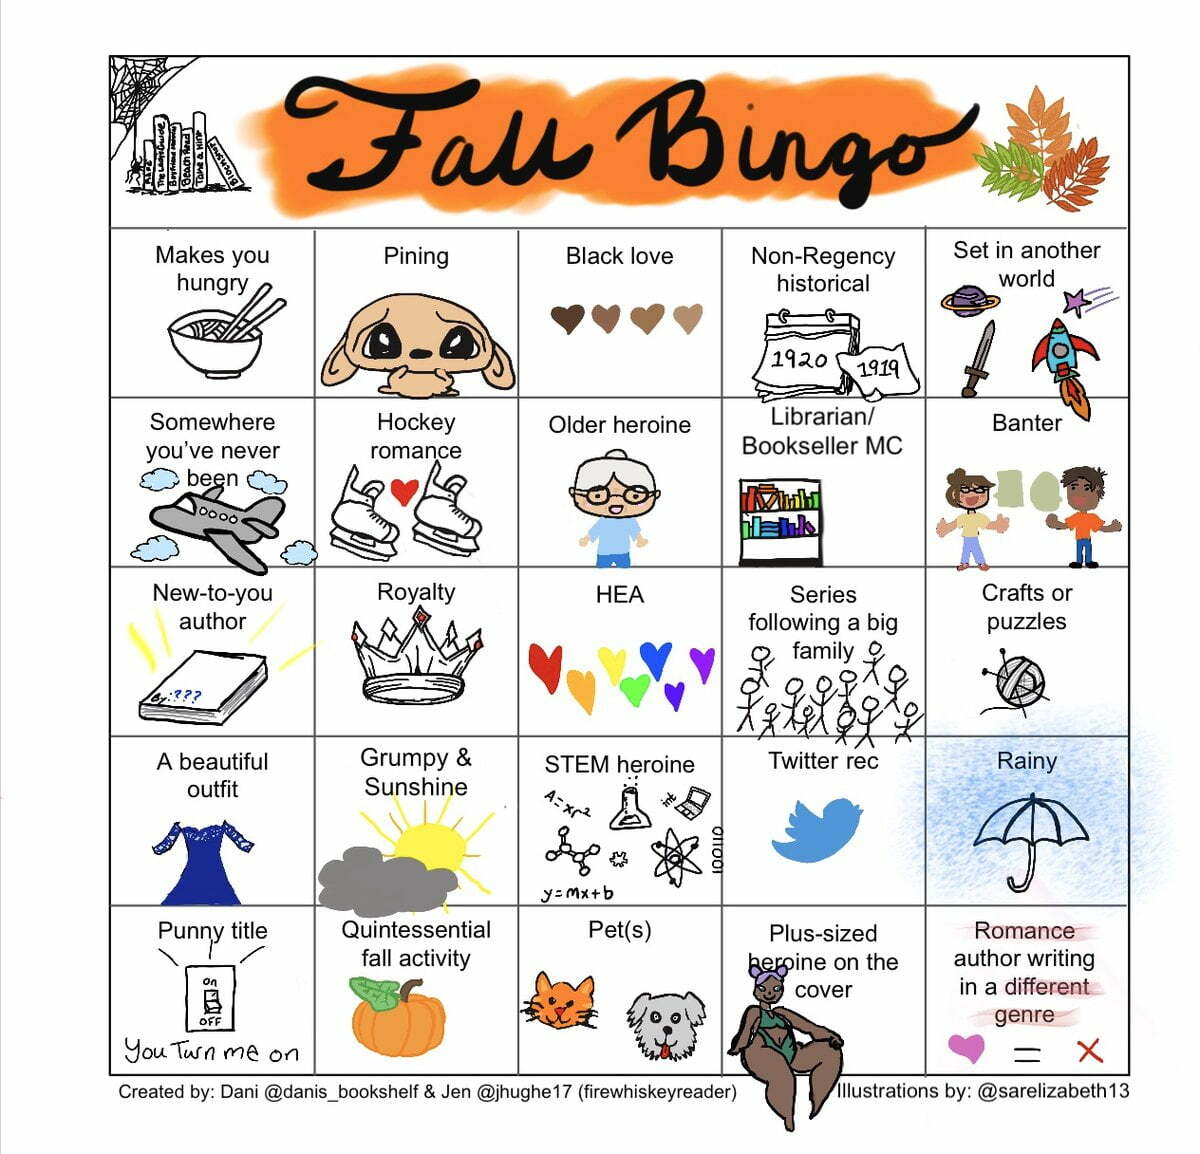 FallIntoRomBingo card